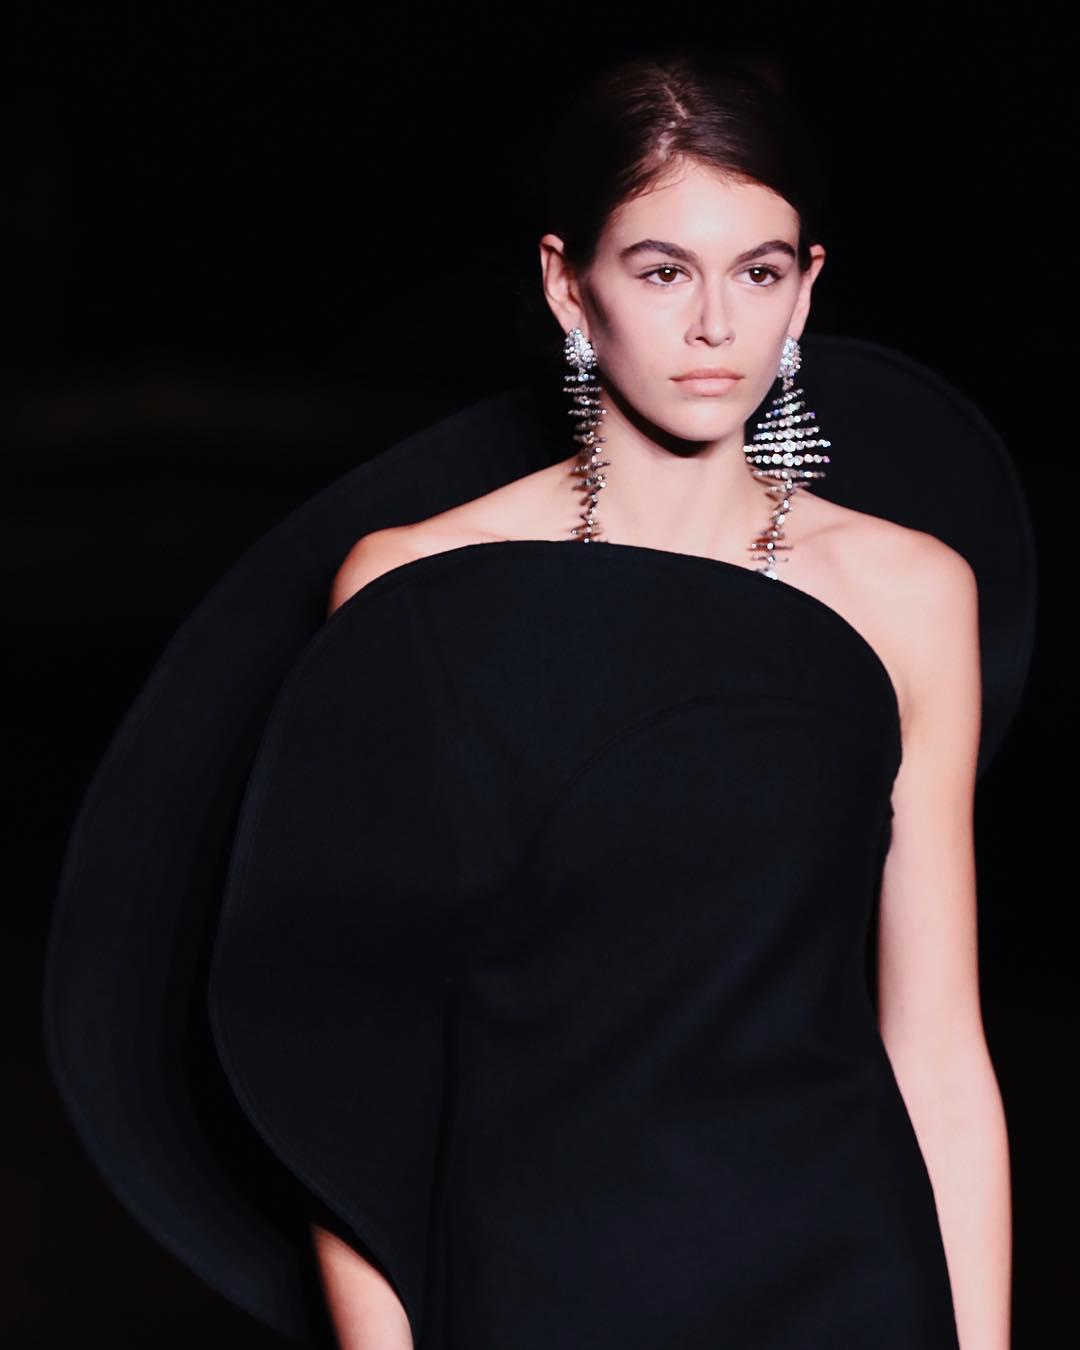 Kaia Gerber tiếp tục xuất hiện trong show diễn của Saint Laurent mở màn cho Tuần lễ Thời trang Paris.